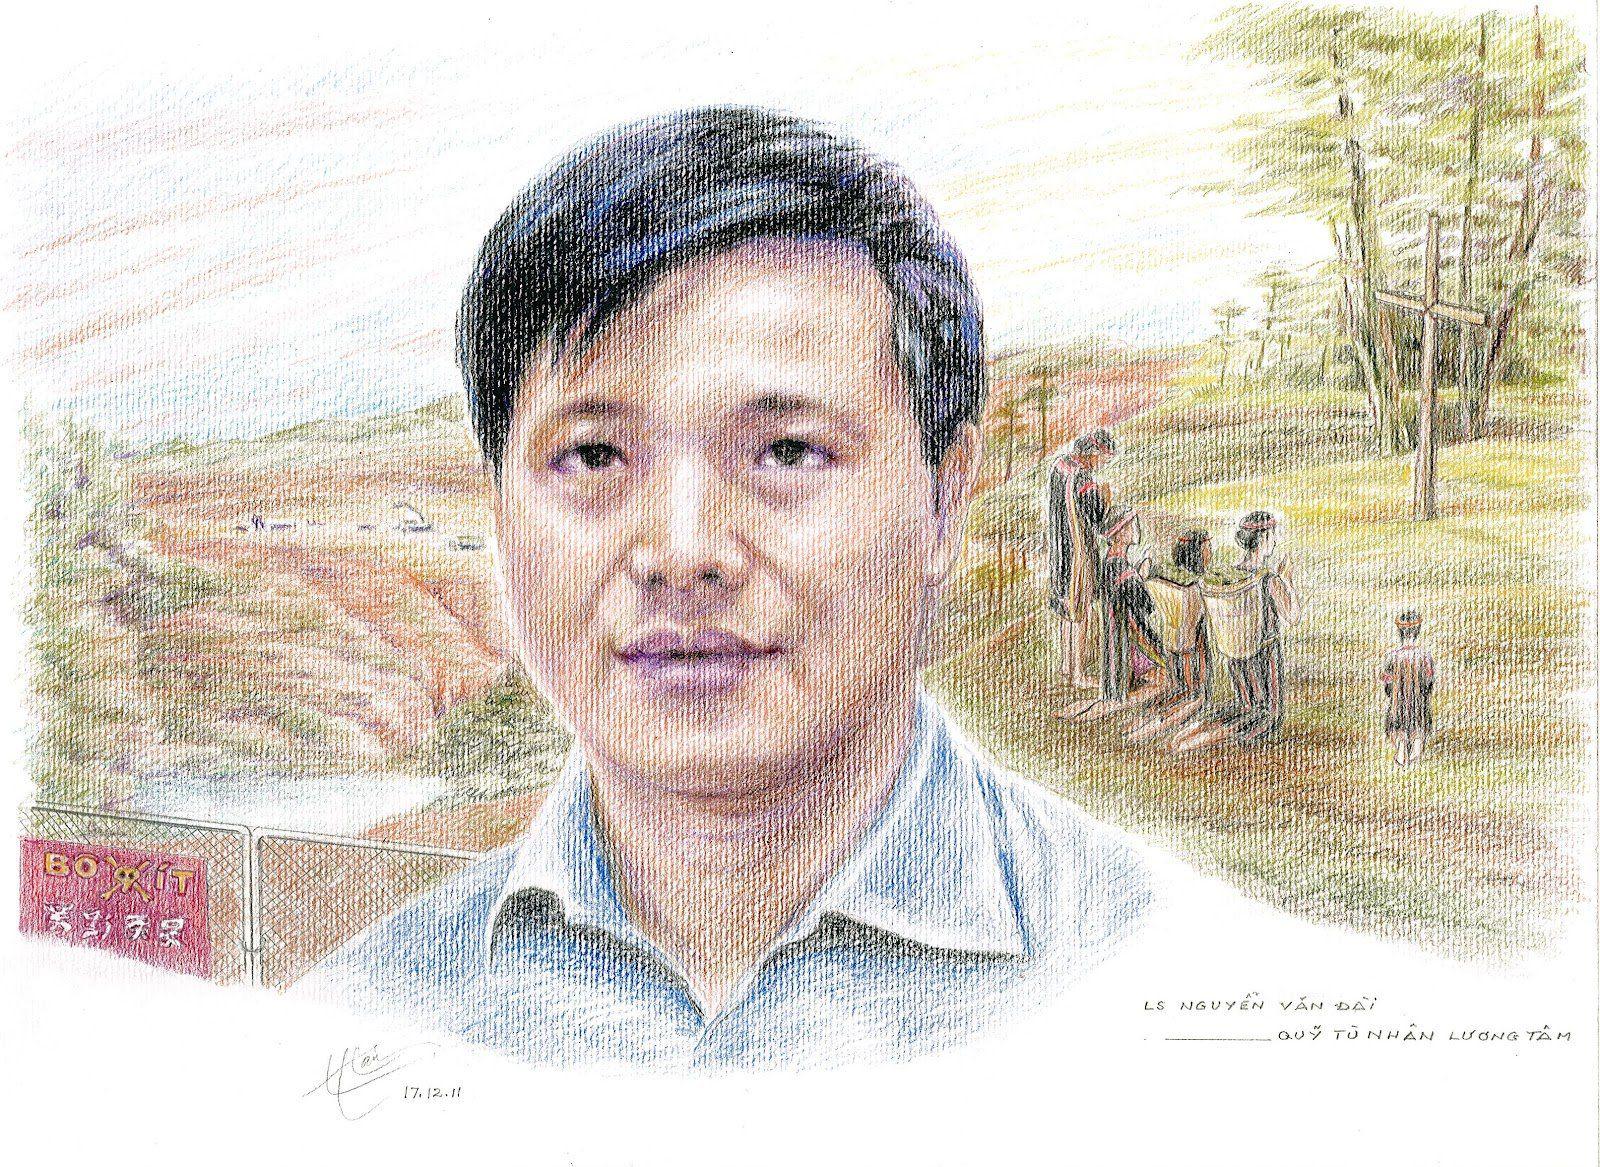 Nguyen-Van-Dai